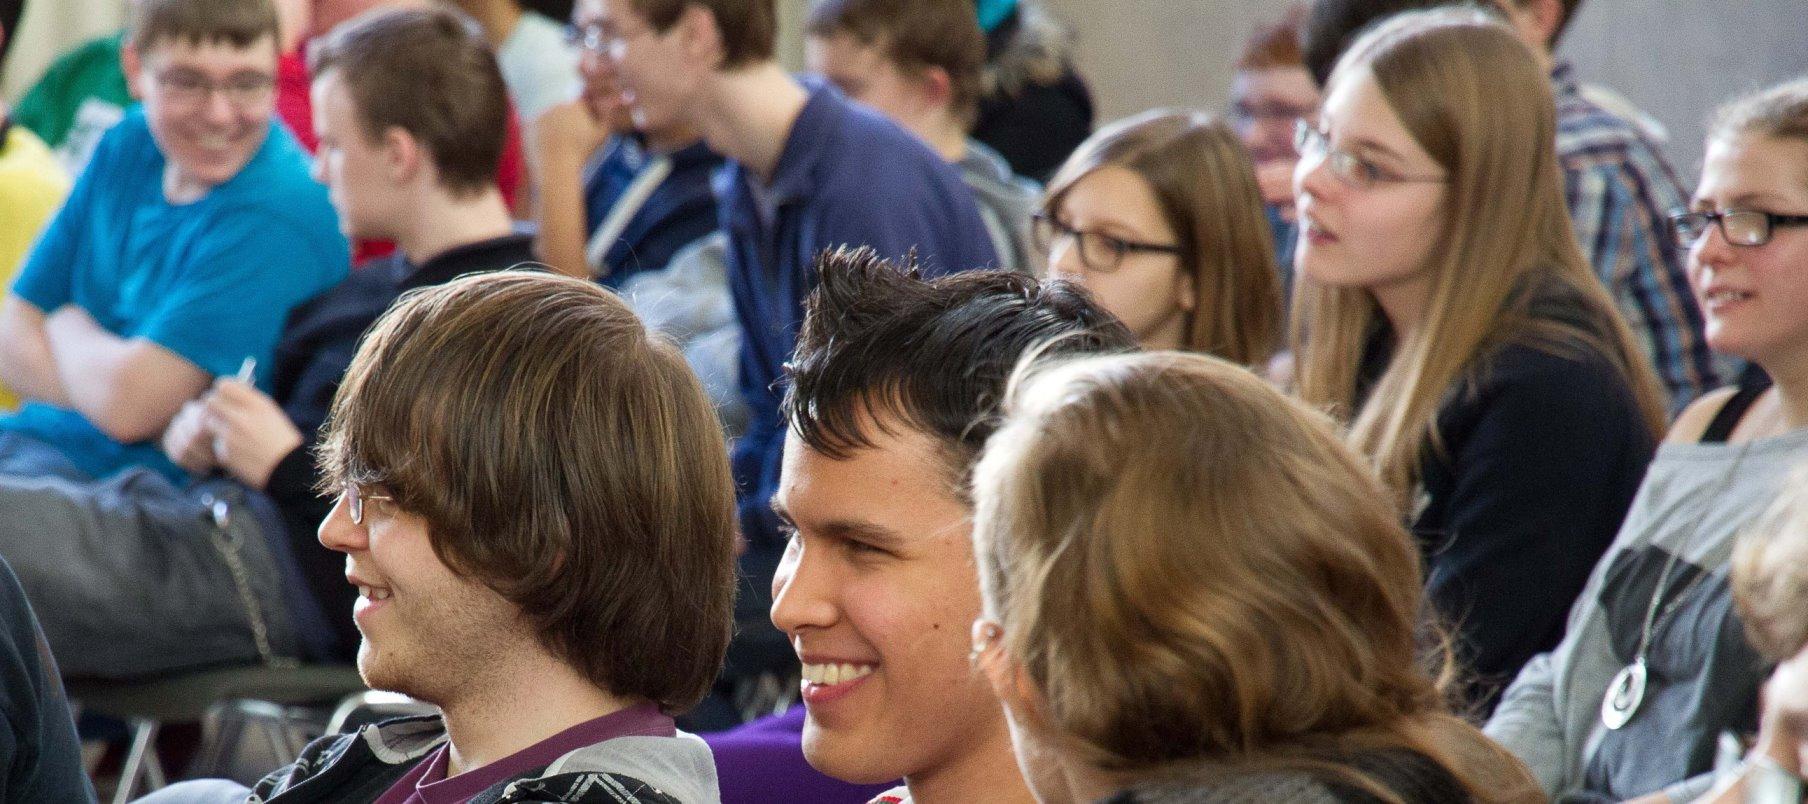 blista-Schüler scherzen während des Unterrichts mit dem Lehrer